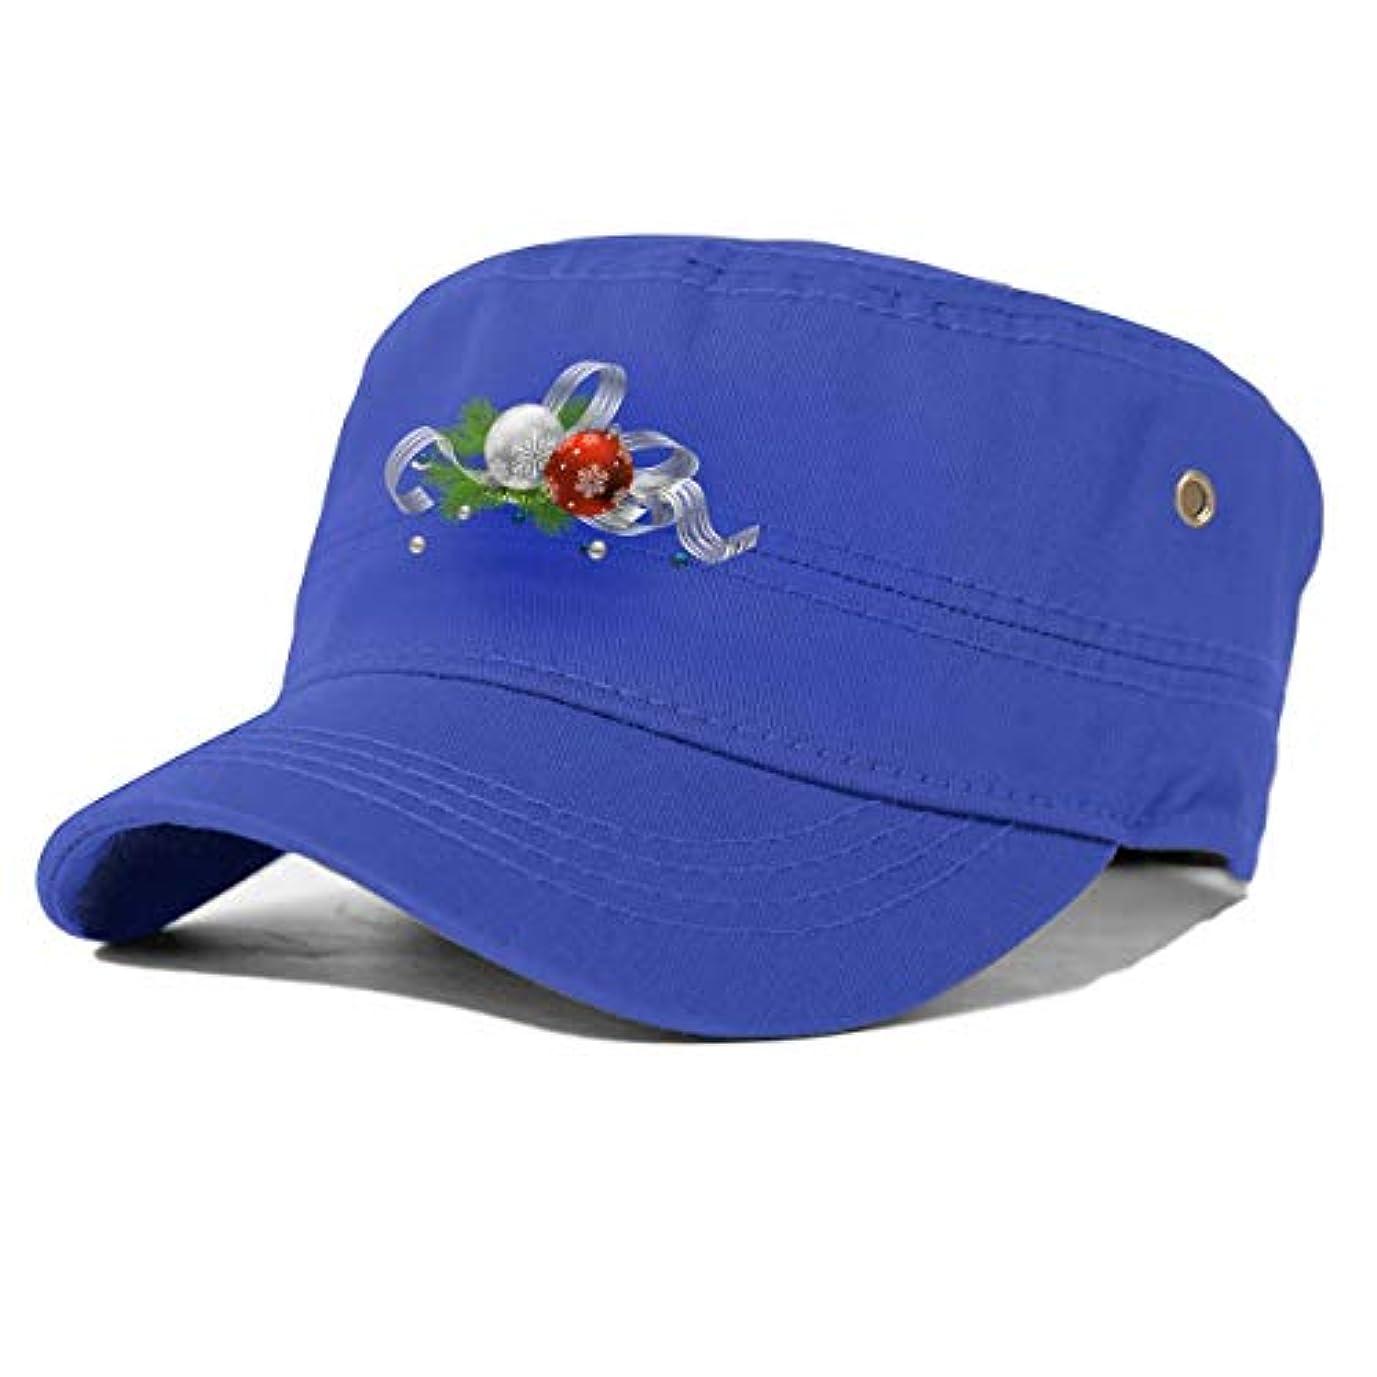 意識香ばしいストレッチ大人のフラットキャップ帽子曲げる綿男女通用 Essential Oil Christmas Tree Blue